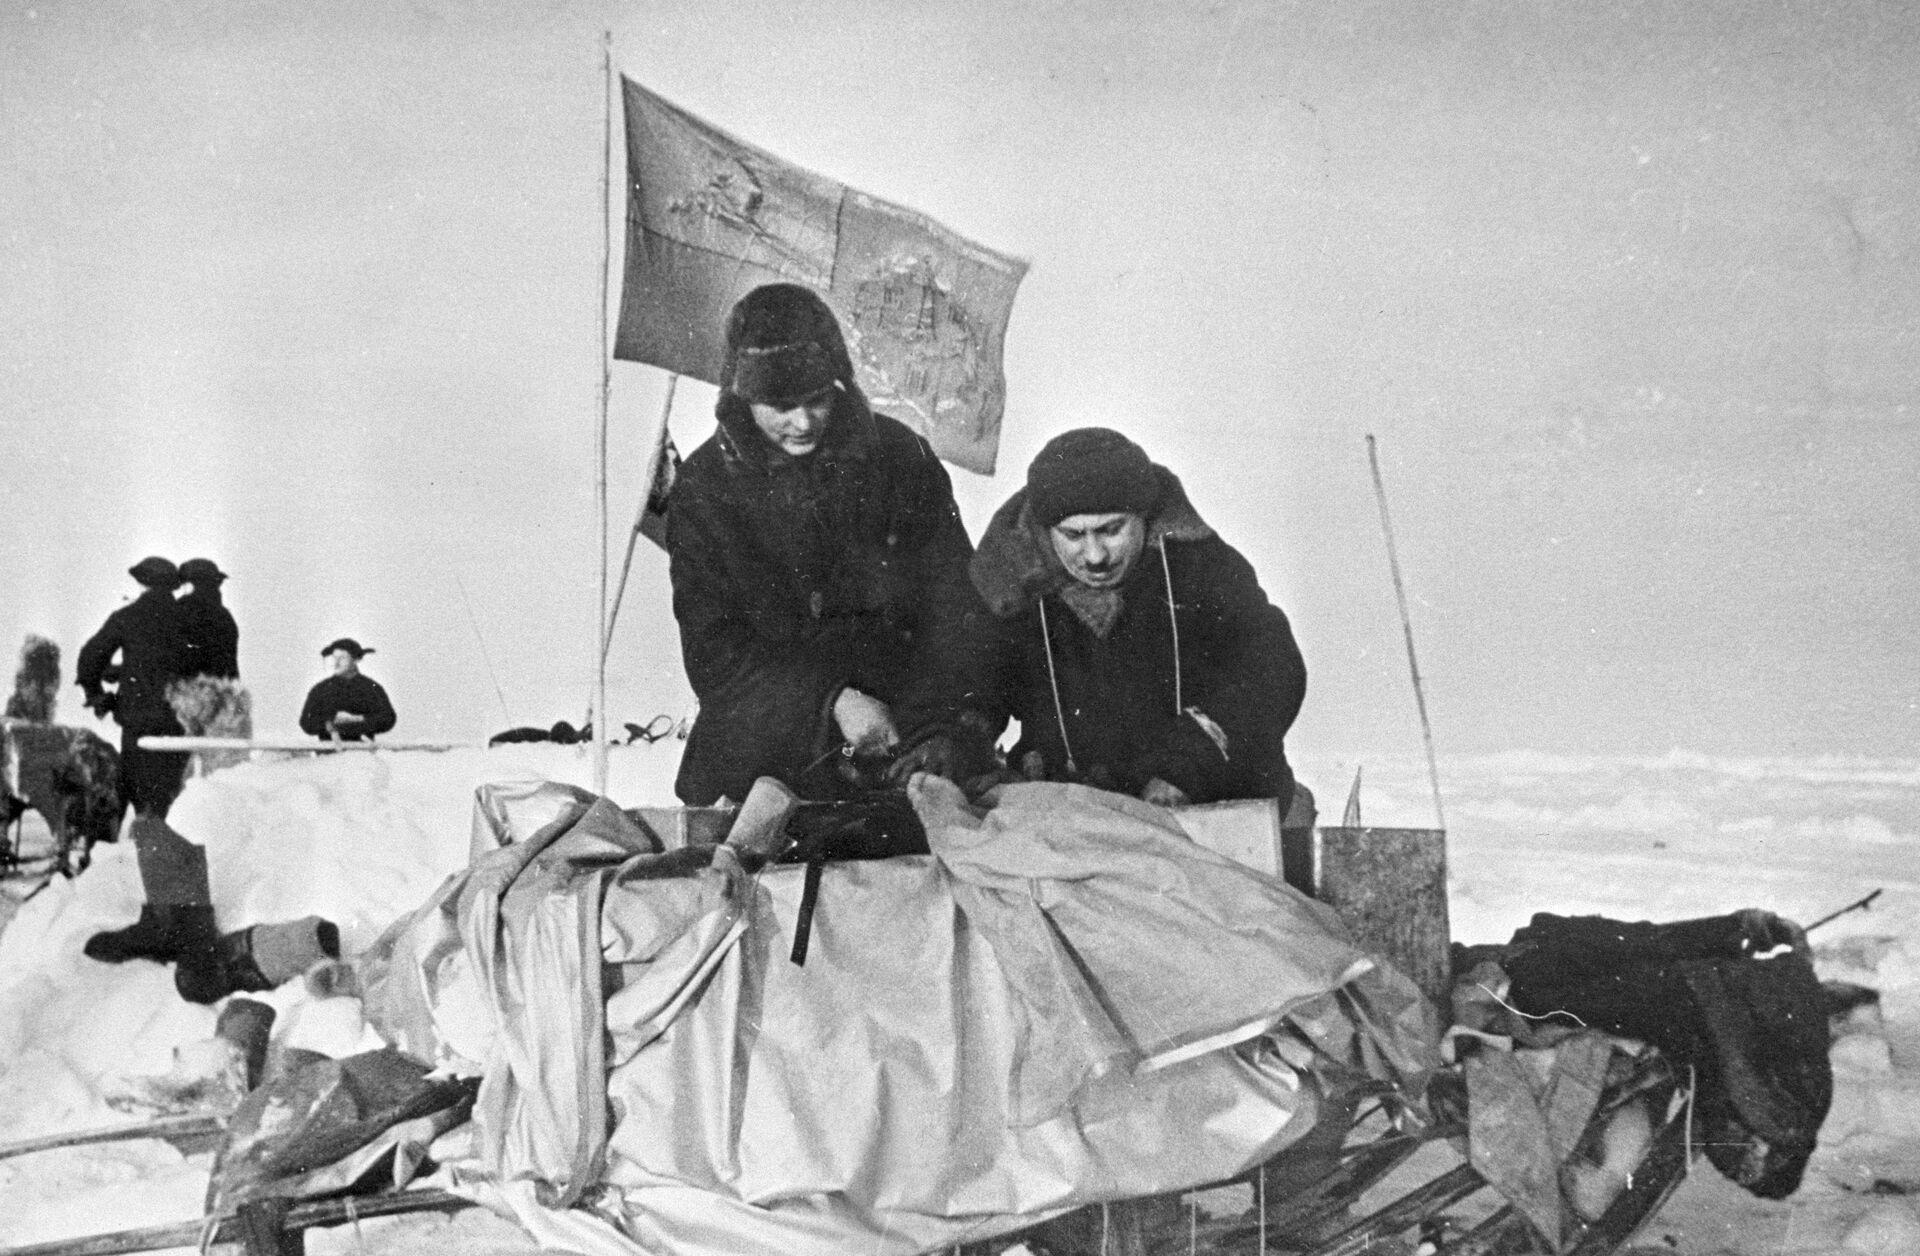 Иван Папанин - человек, воплотивший мальчишеские мечты о море  - РИА Новости, 1920, 30.01.2021